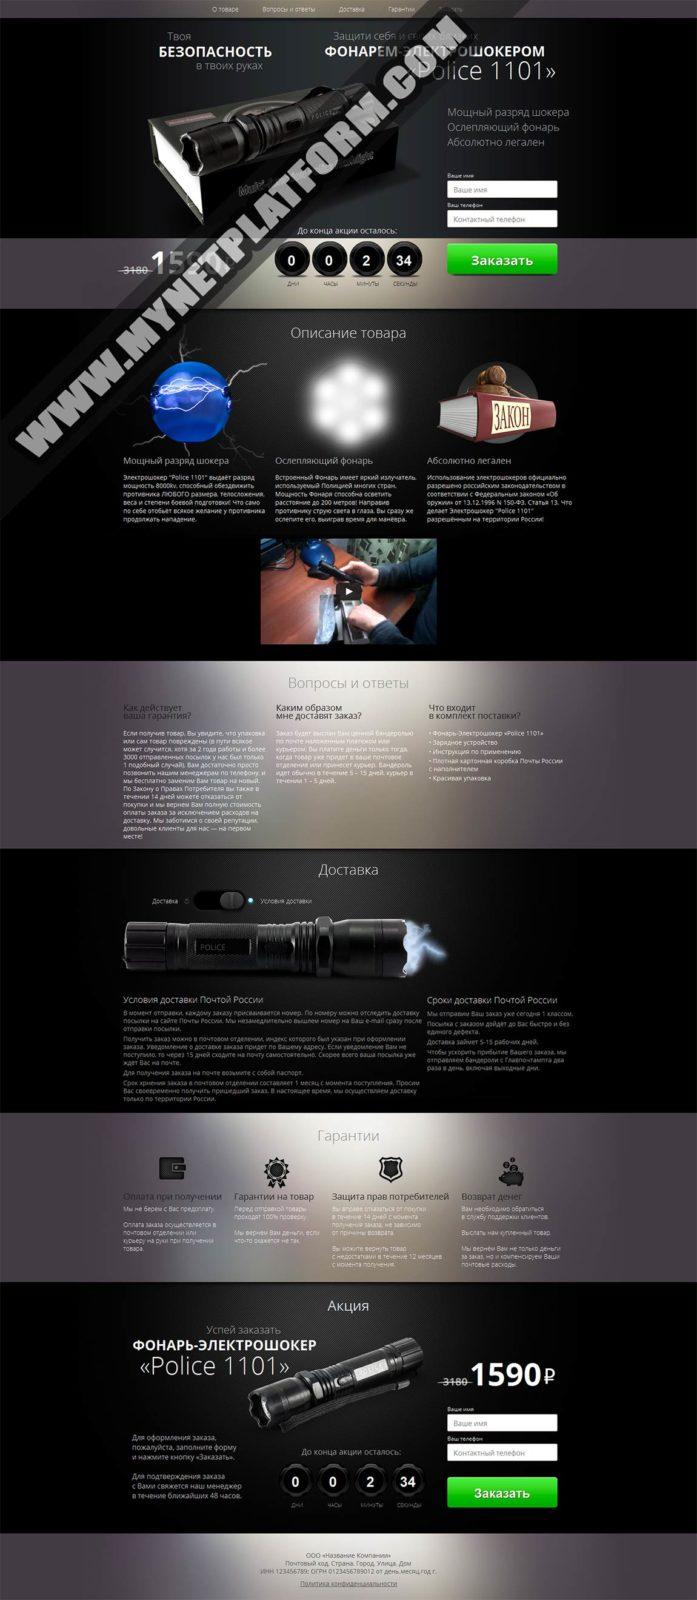 Скриншот готового лендинга для товара Фонарь электрошокер 01